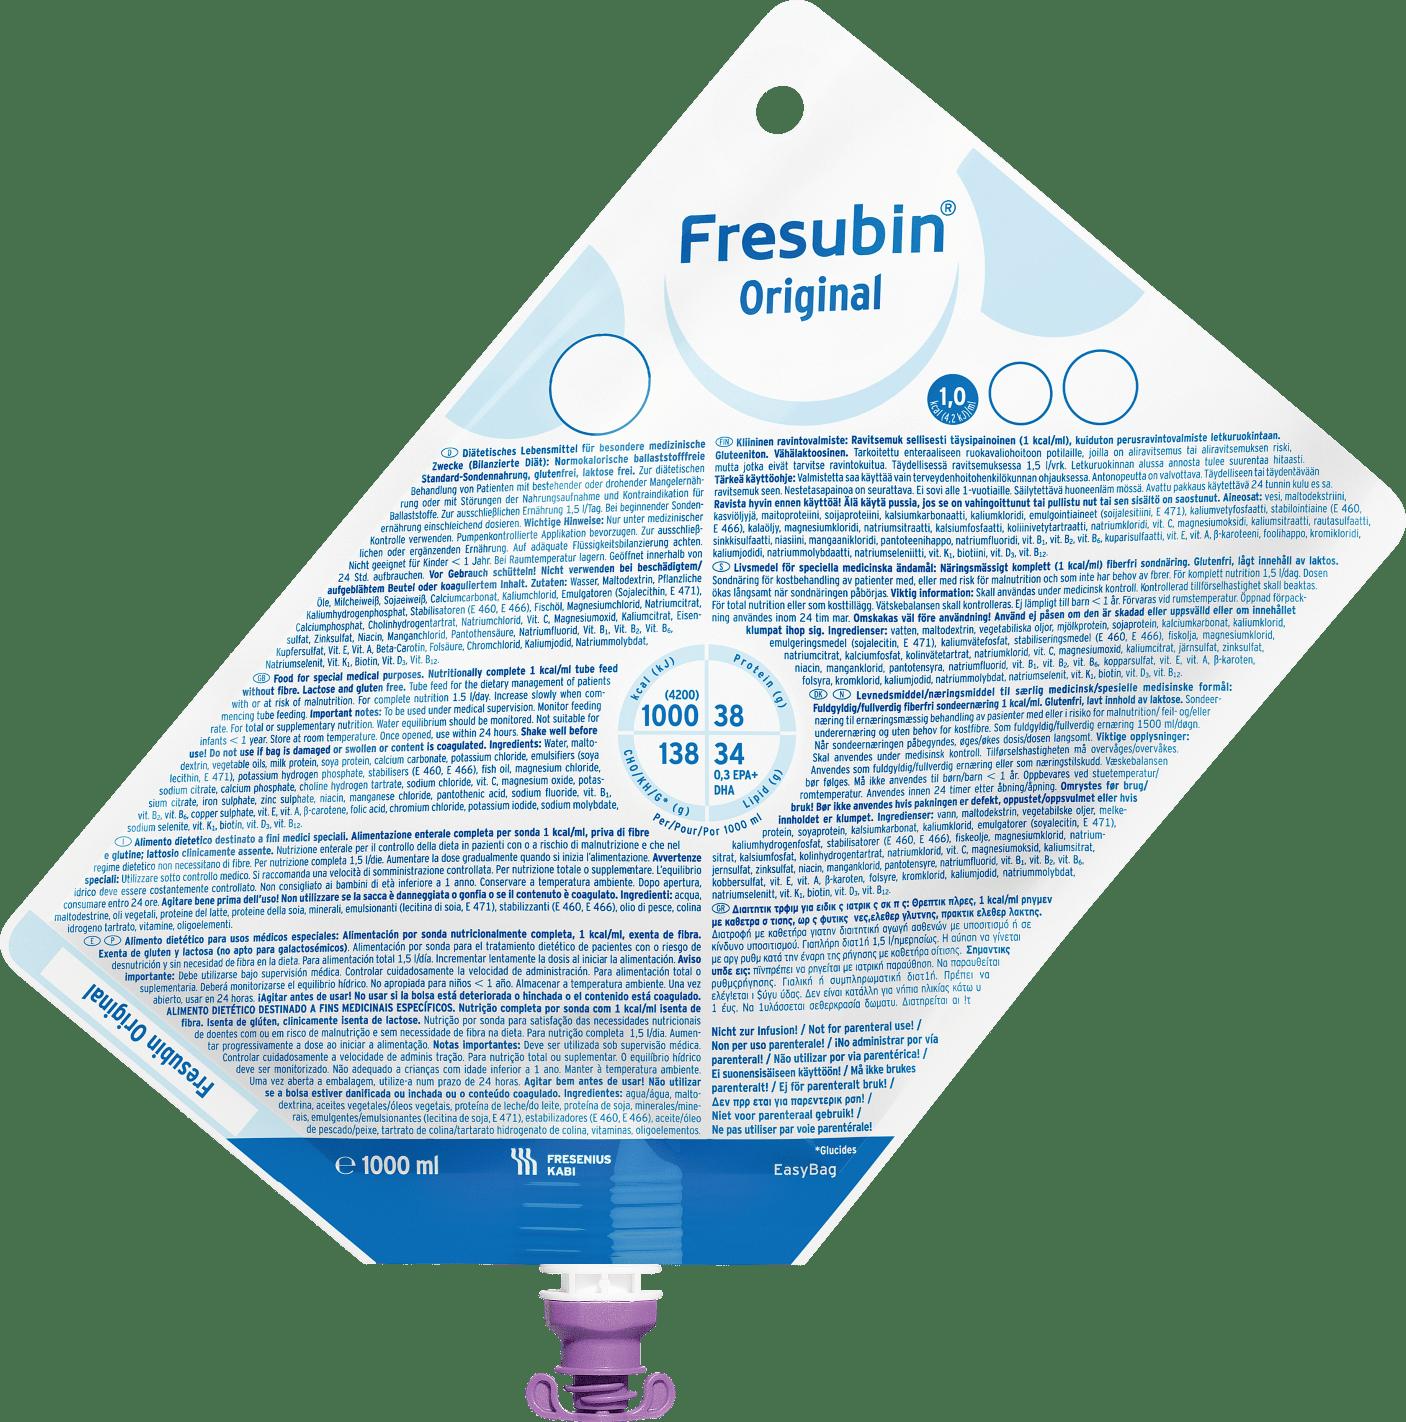 Fresubin_Original_Int_1000ml-2